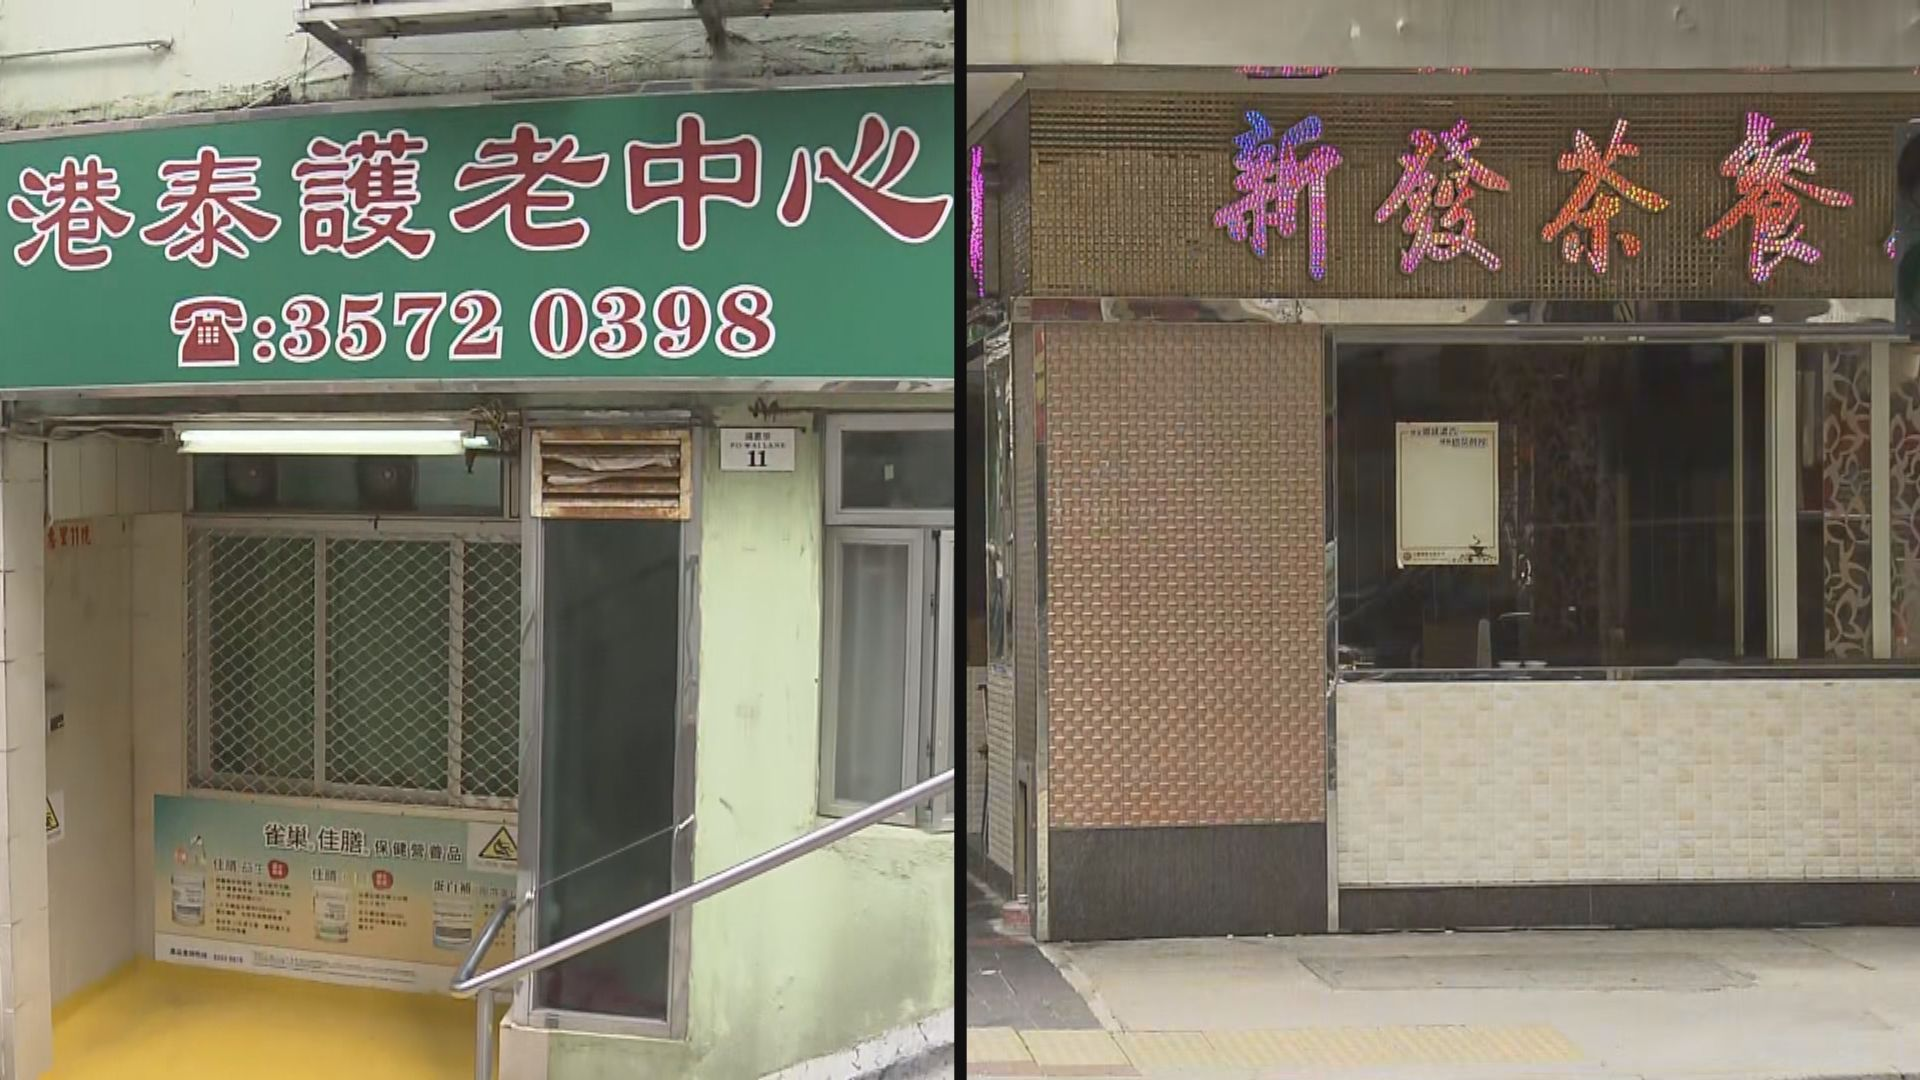 港泰護老中心群組9人確診 佐敦新發茶餐廳多3名確診